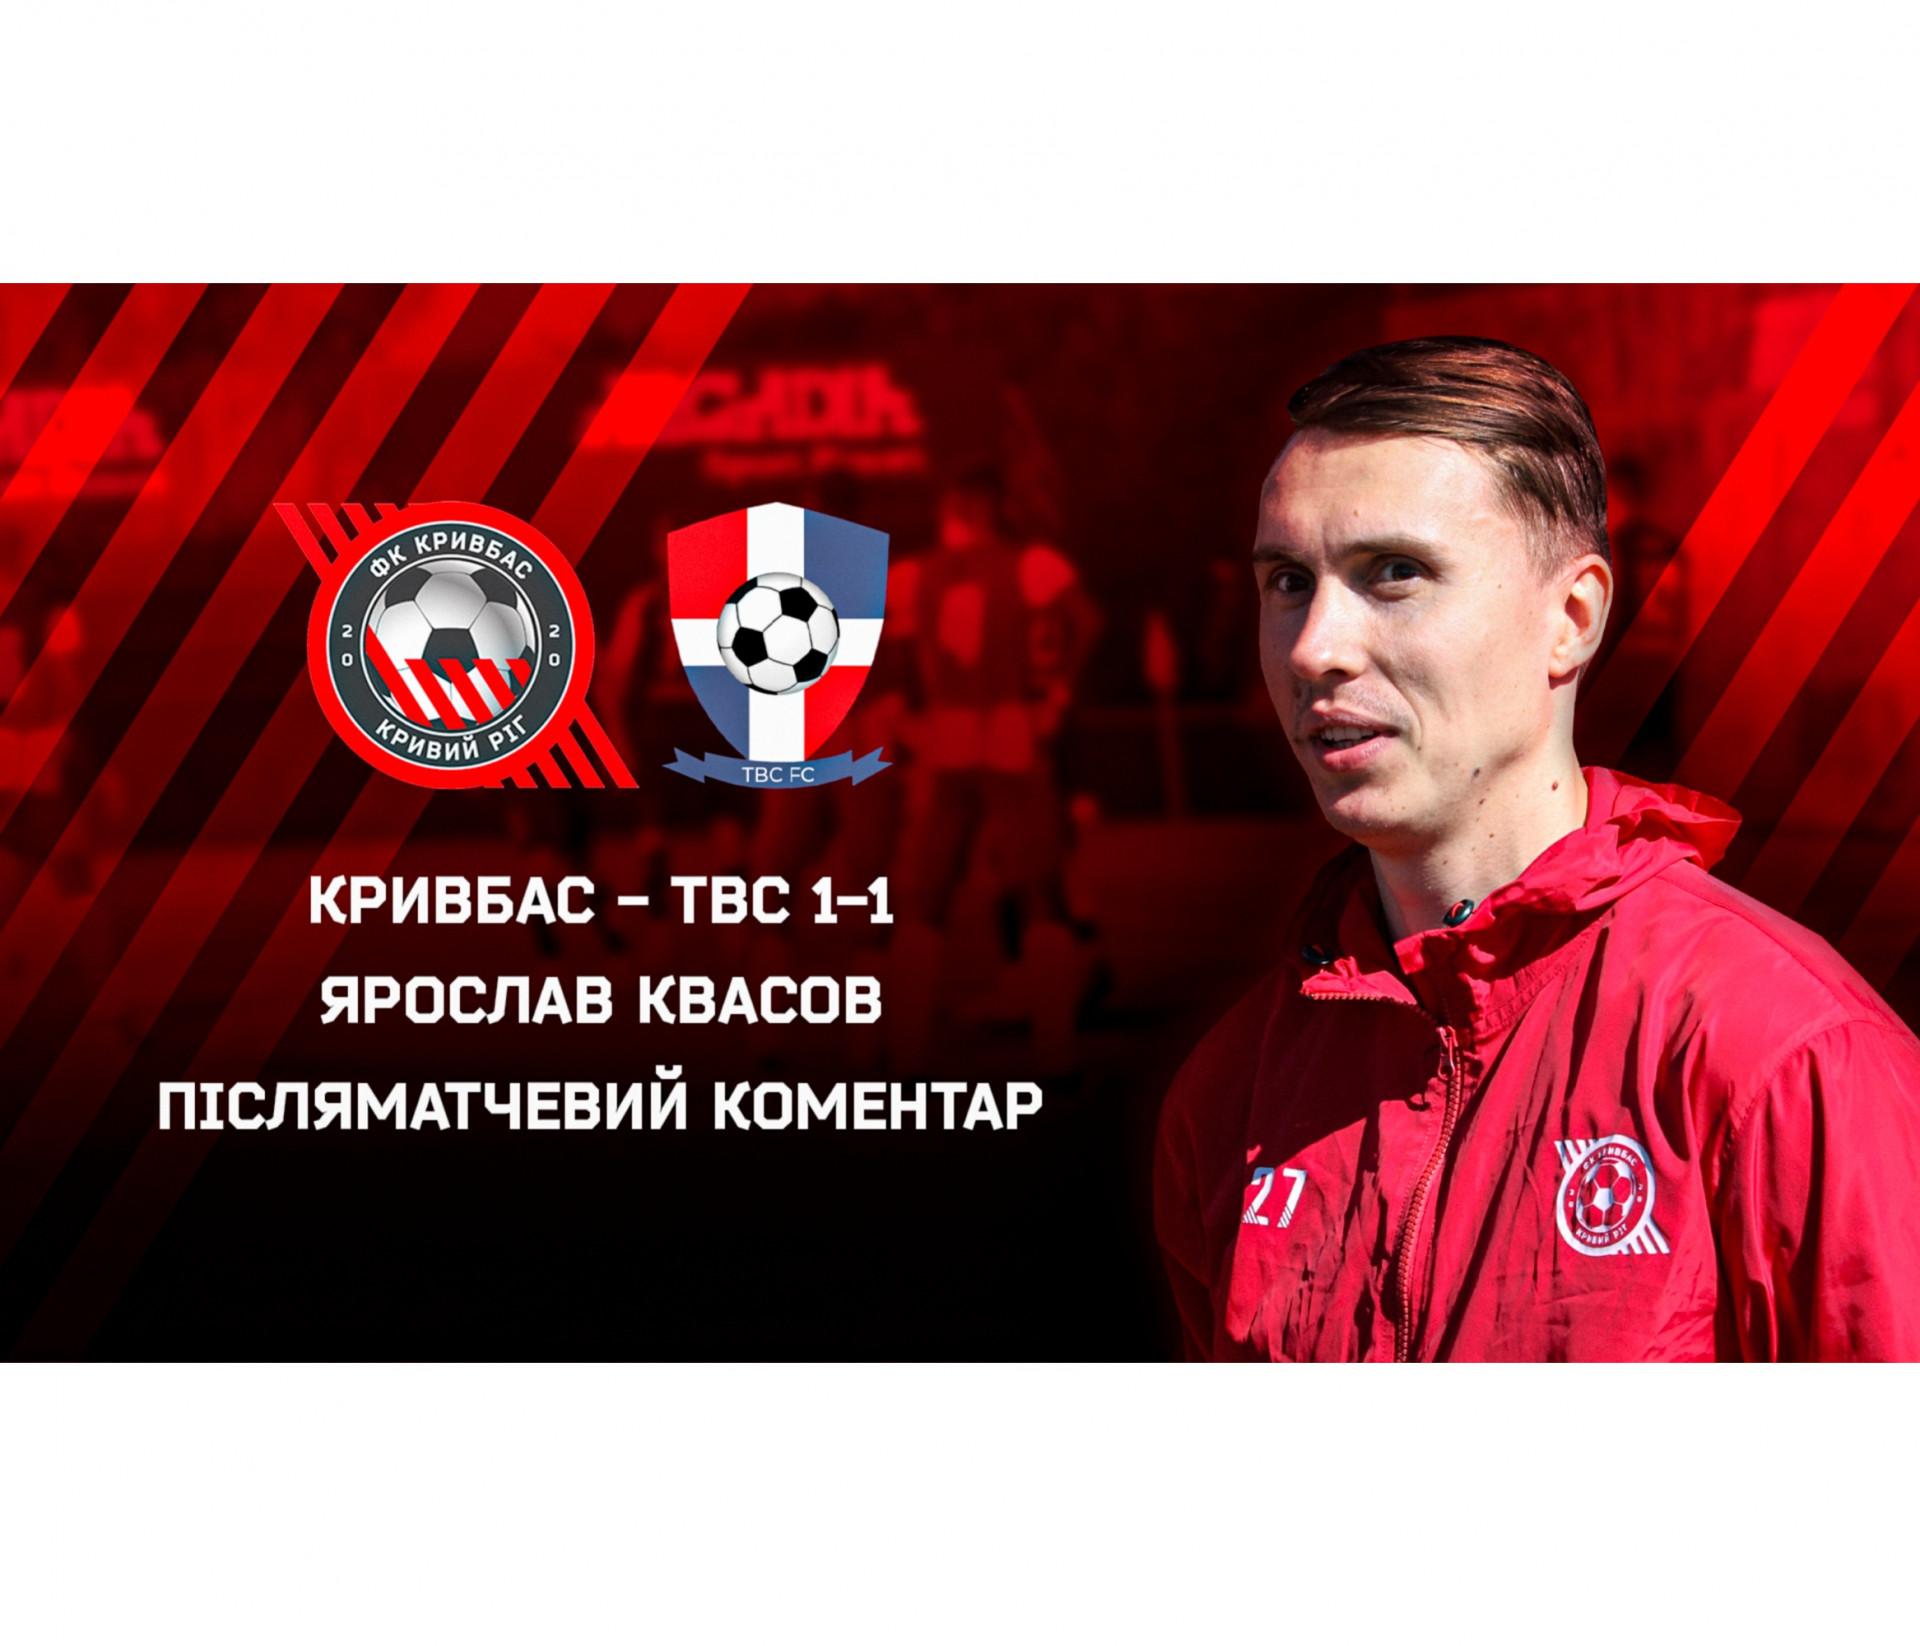 Ярослав Квасов: Для першого матчу зіграли чудово}